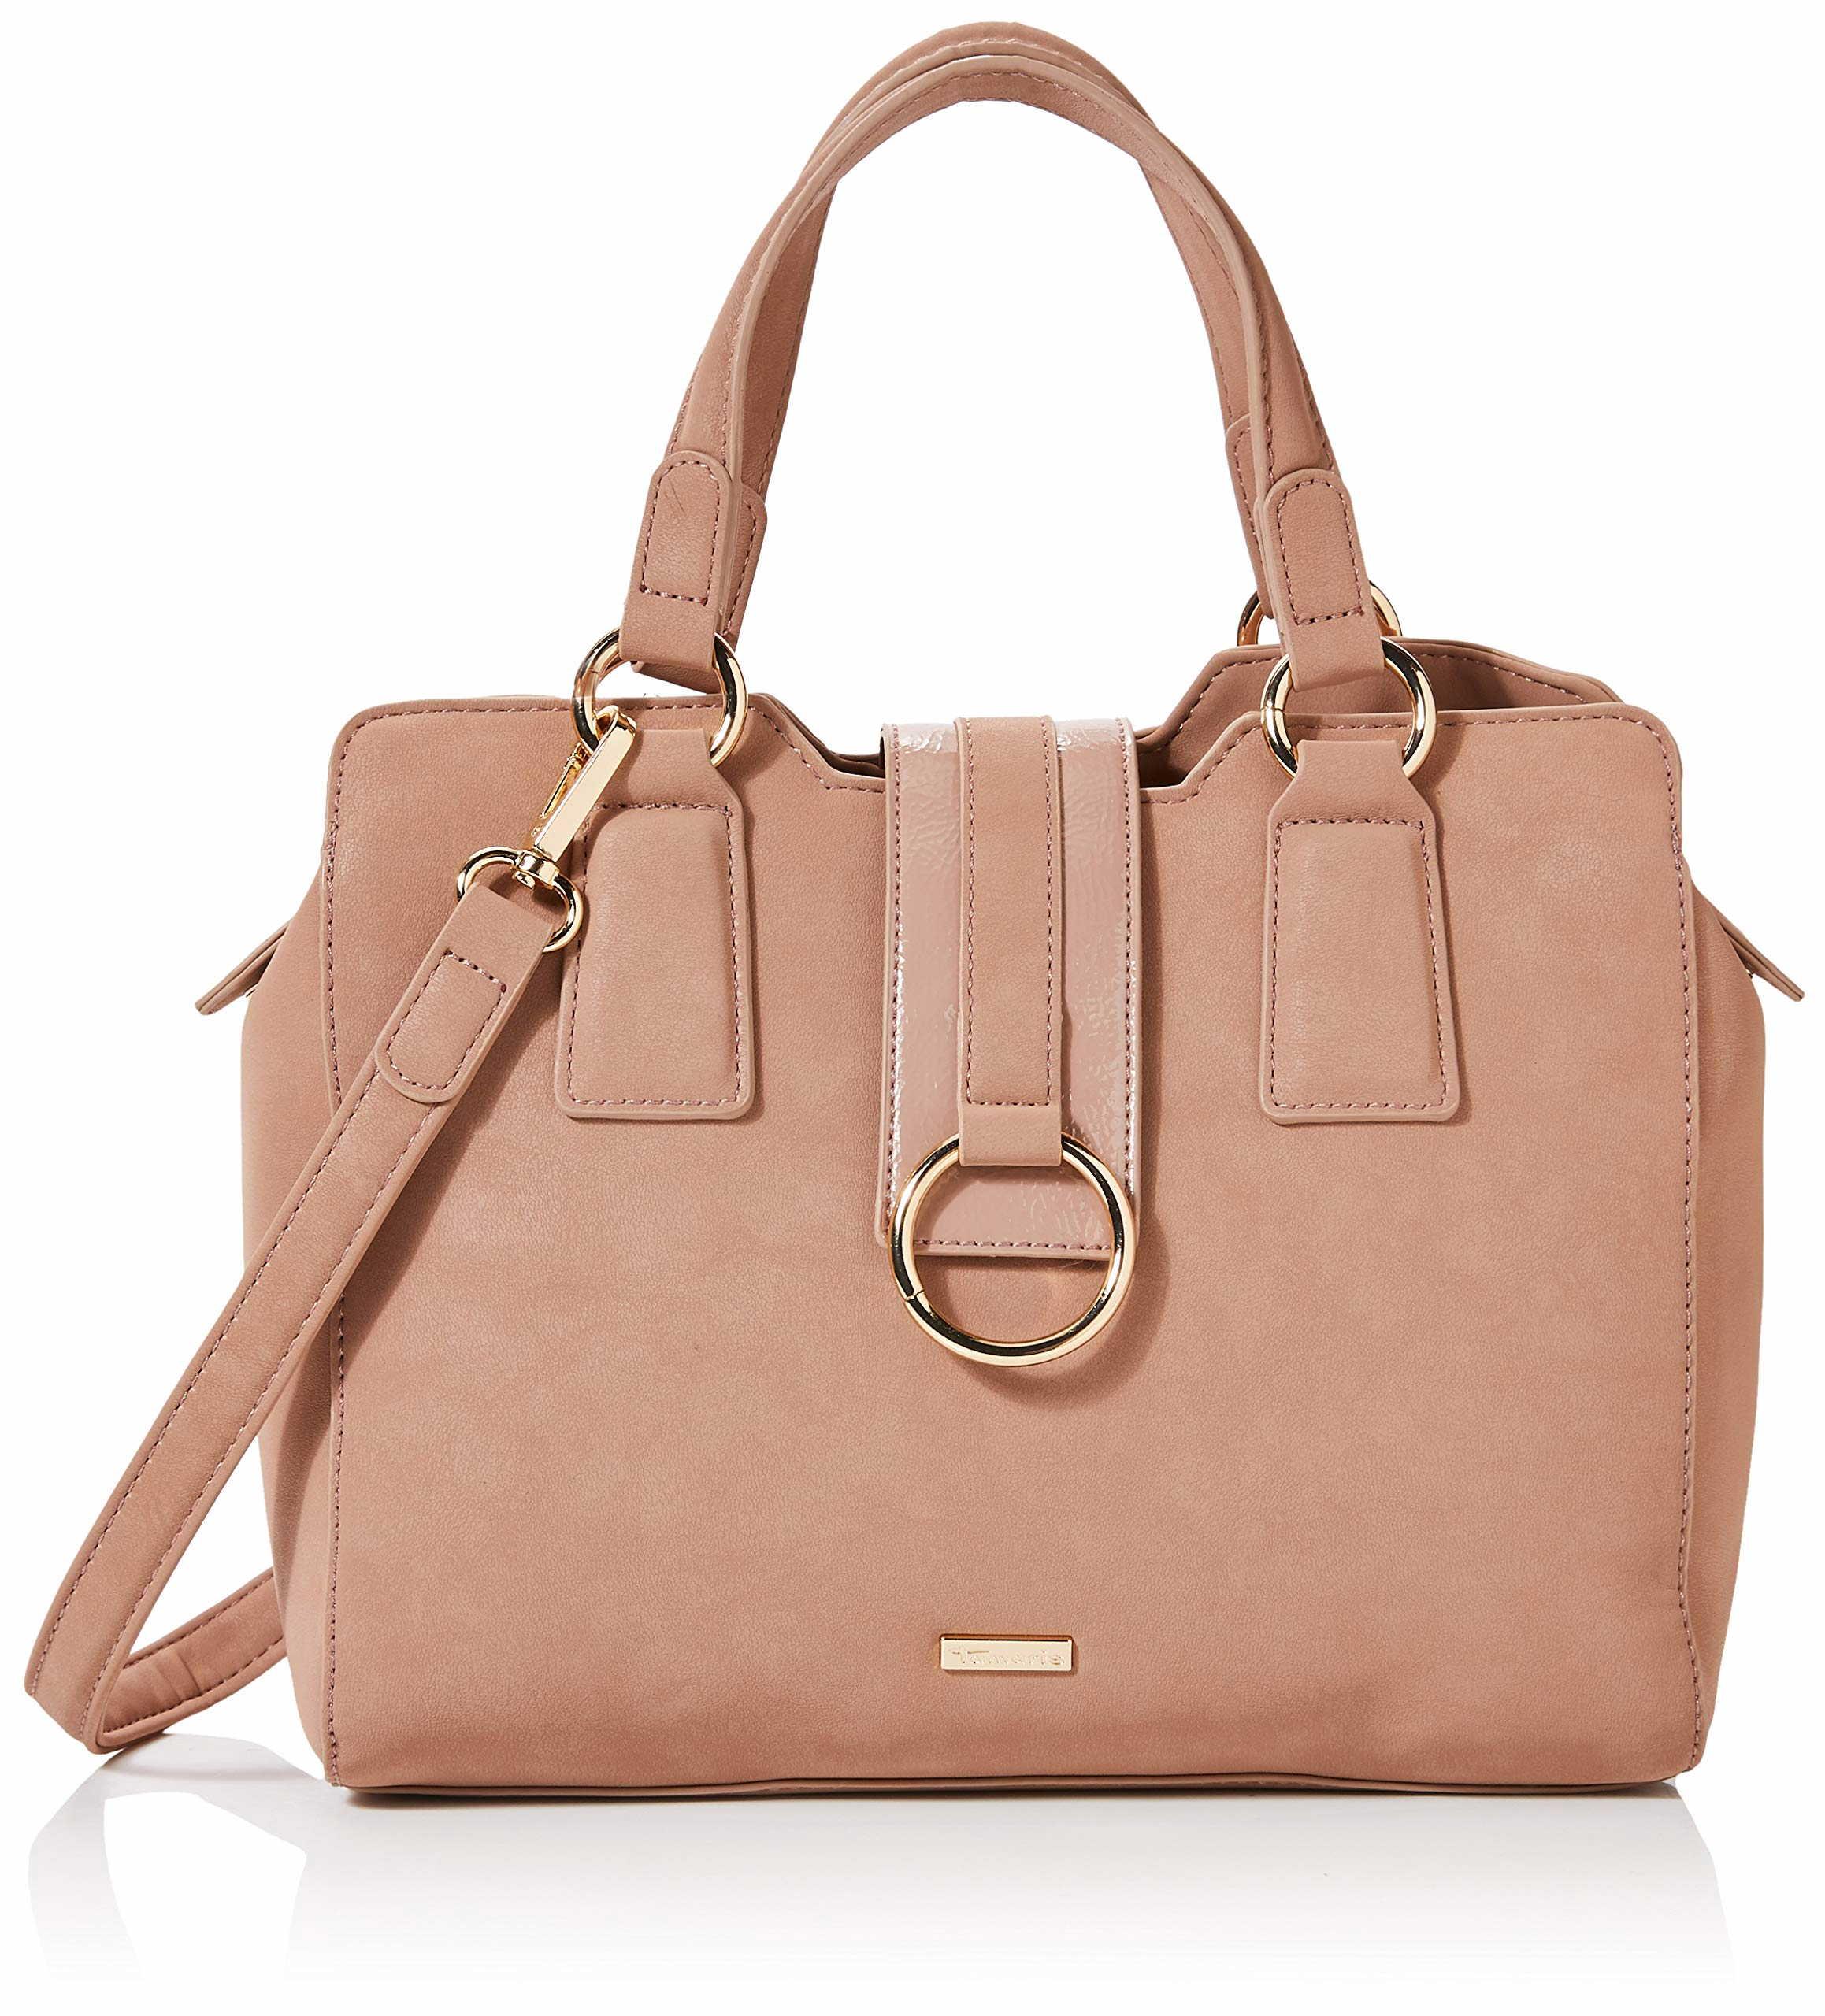 Tamaris Reisetasche beige